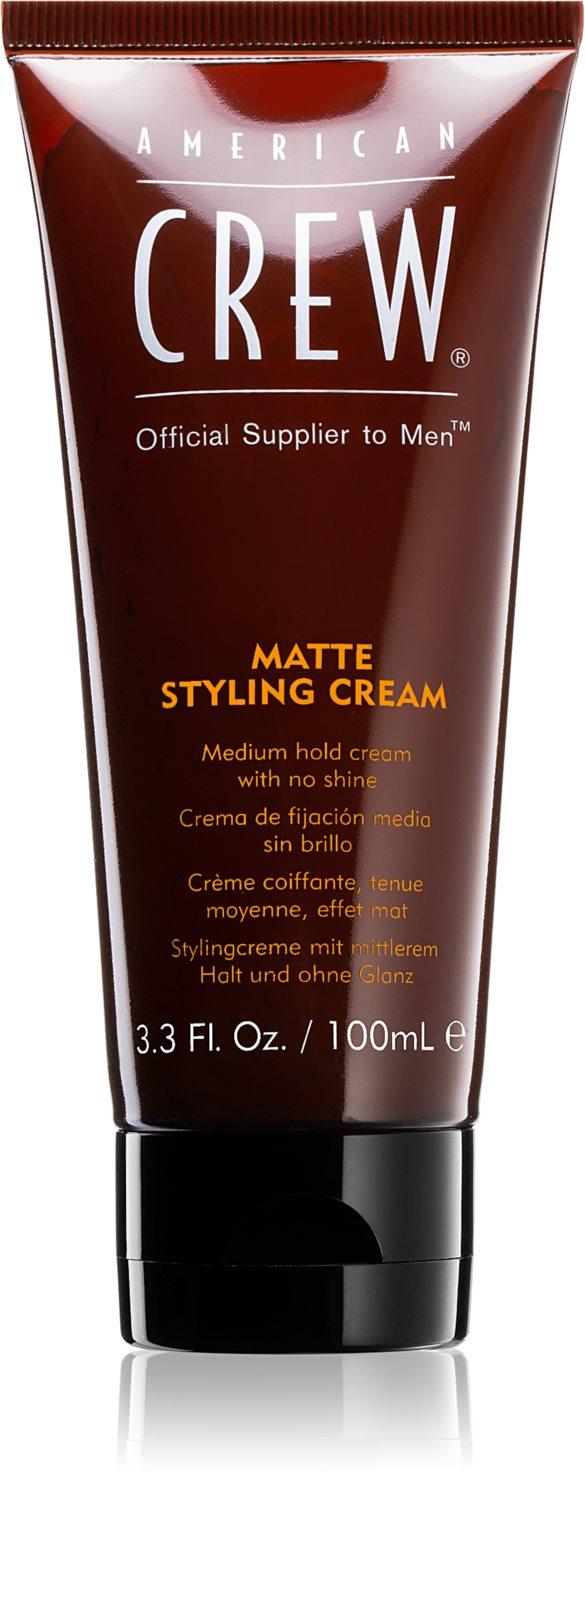 American Crew Styling Matte Styling Cream - středně tužící gel s matným vzhledem, 100 ml